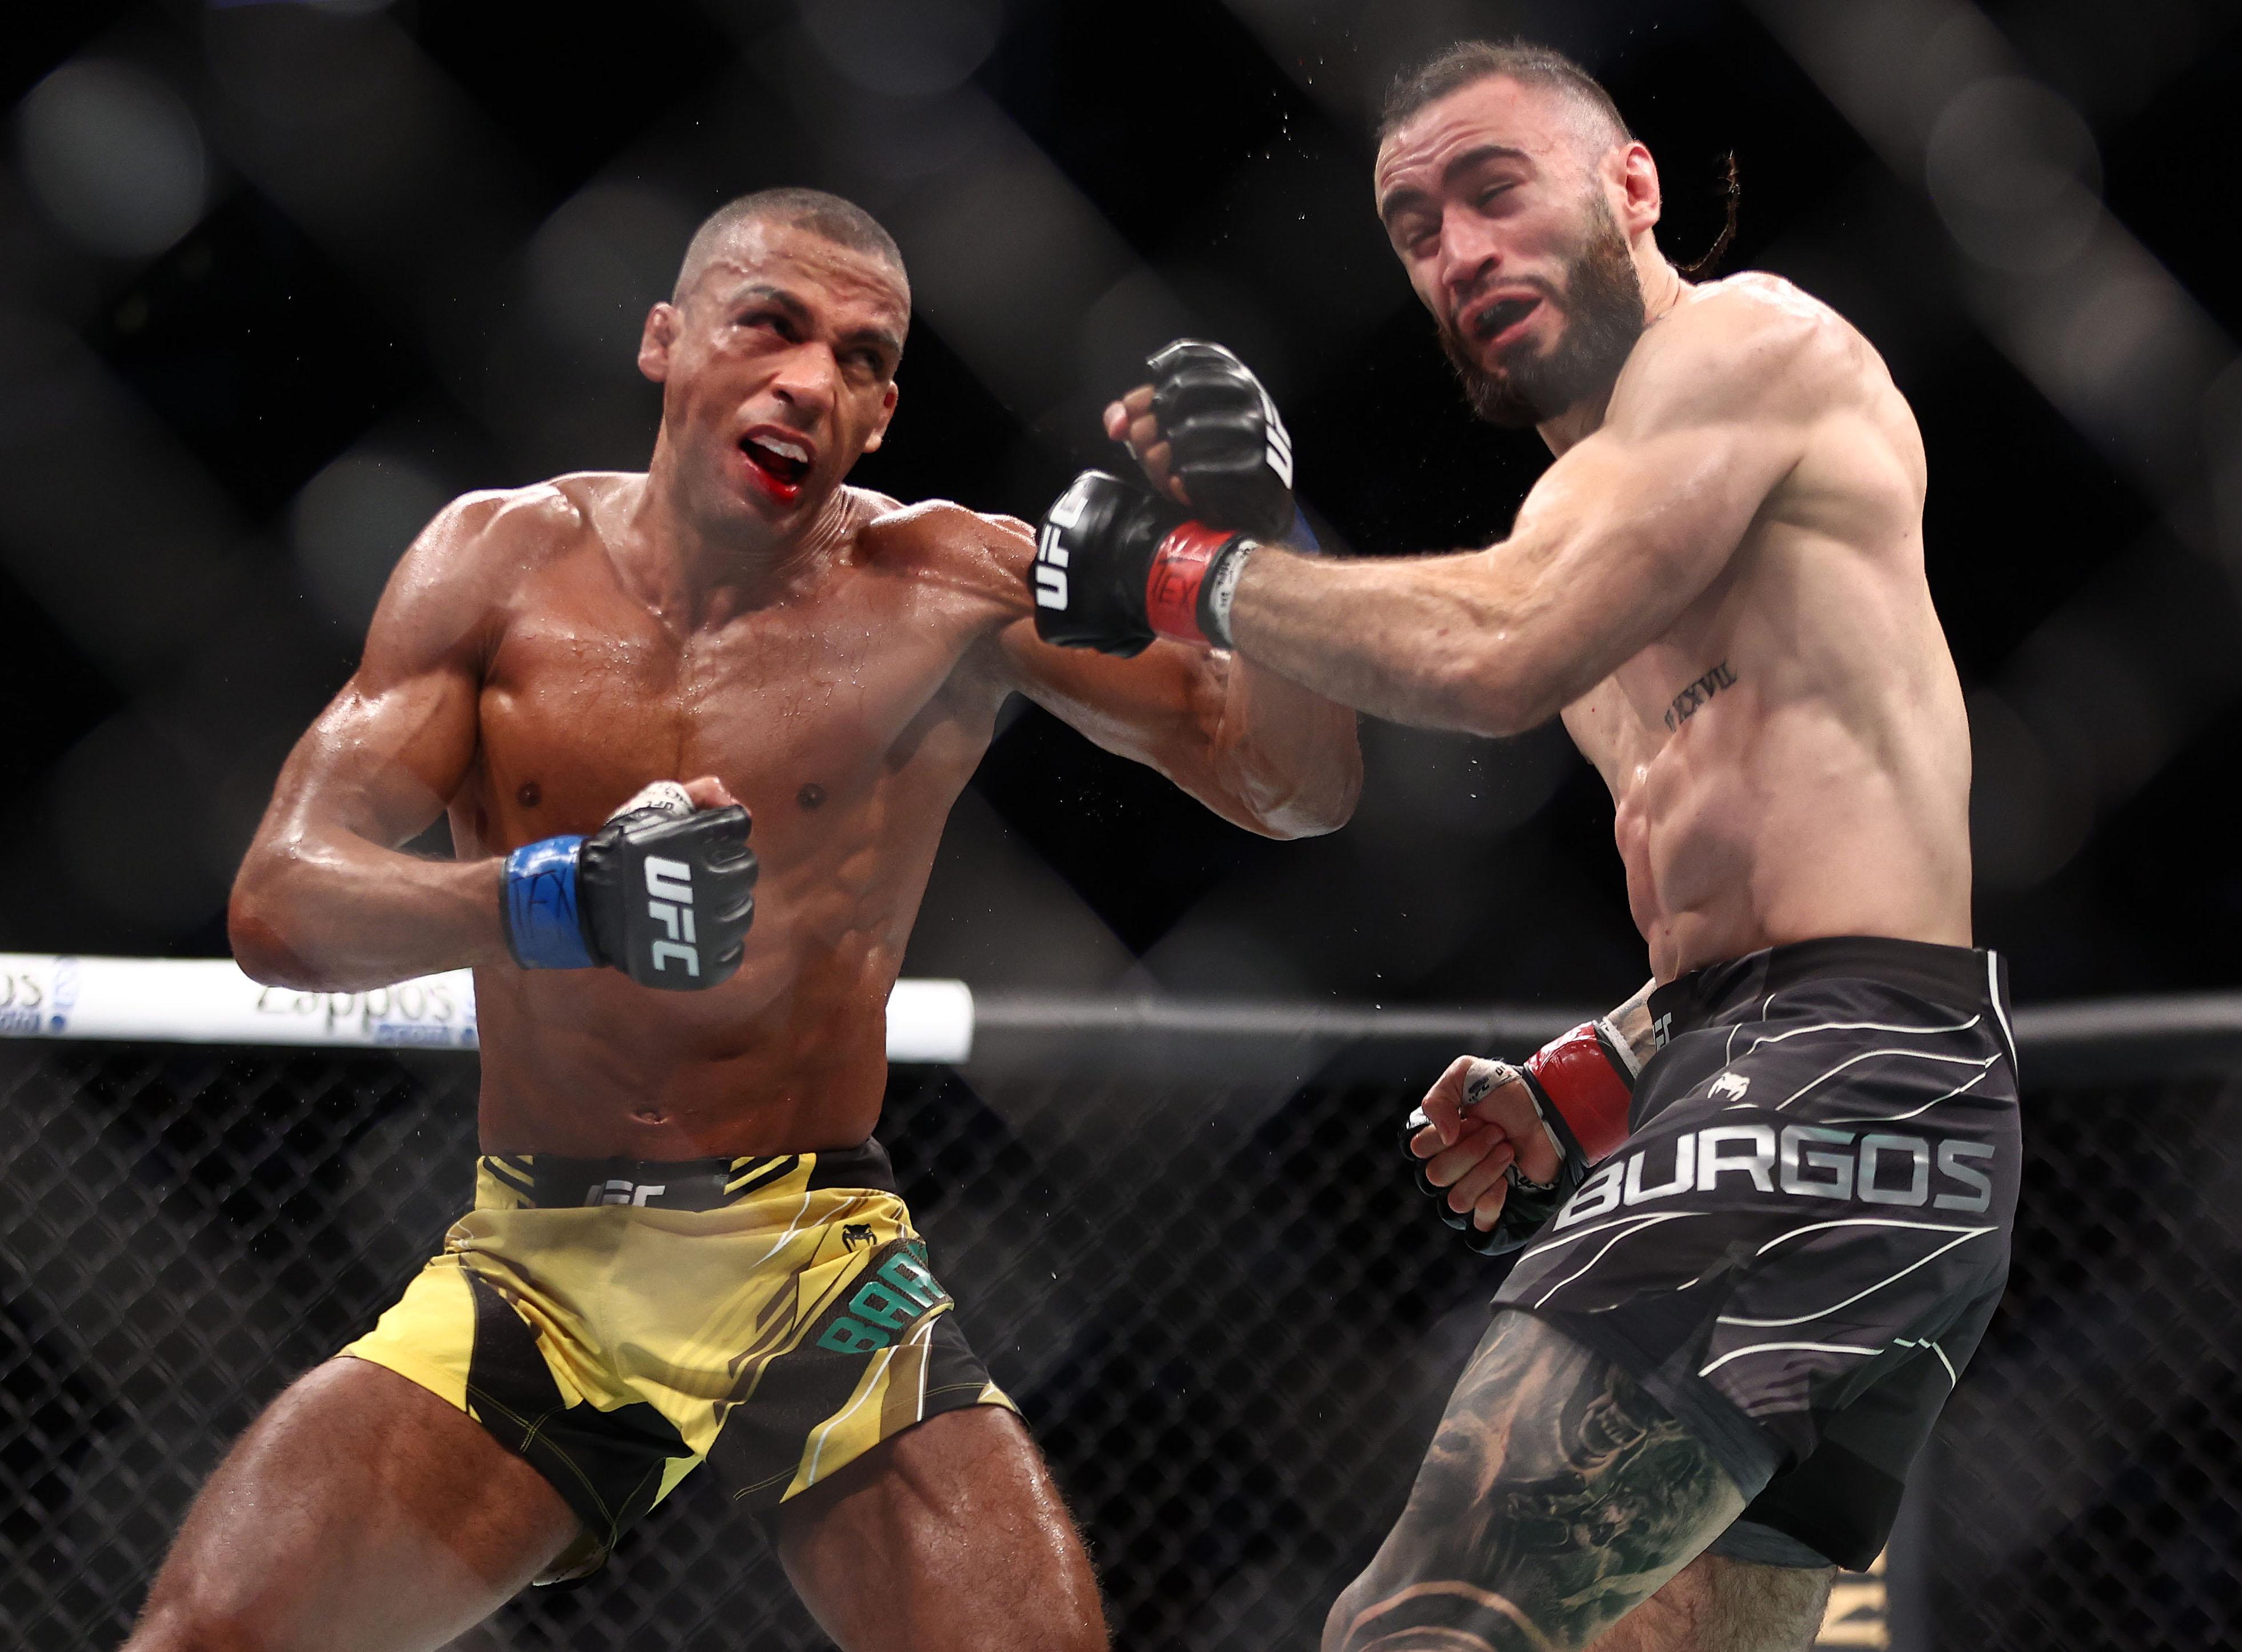 Edson Barboza knocked out Shane Burgos at UFC 262.